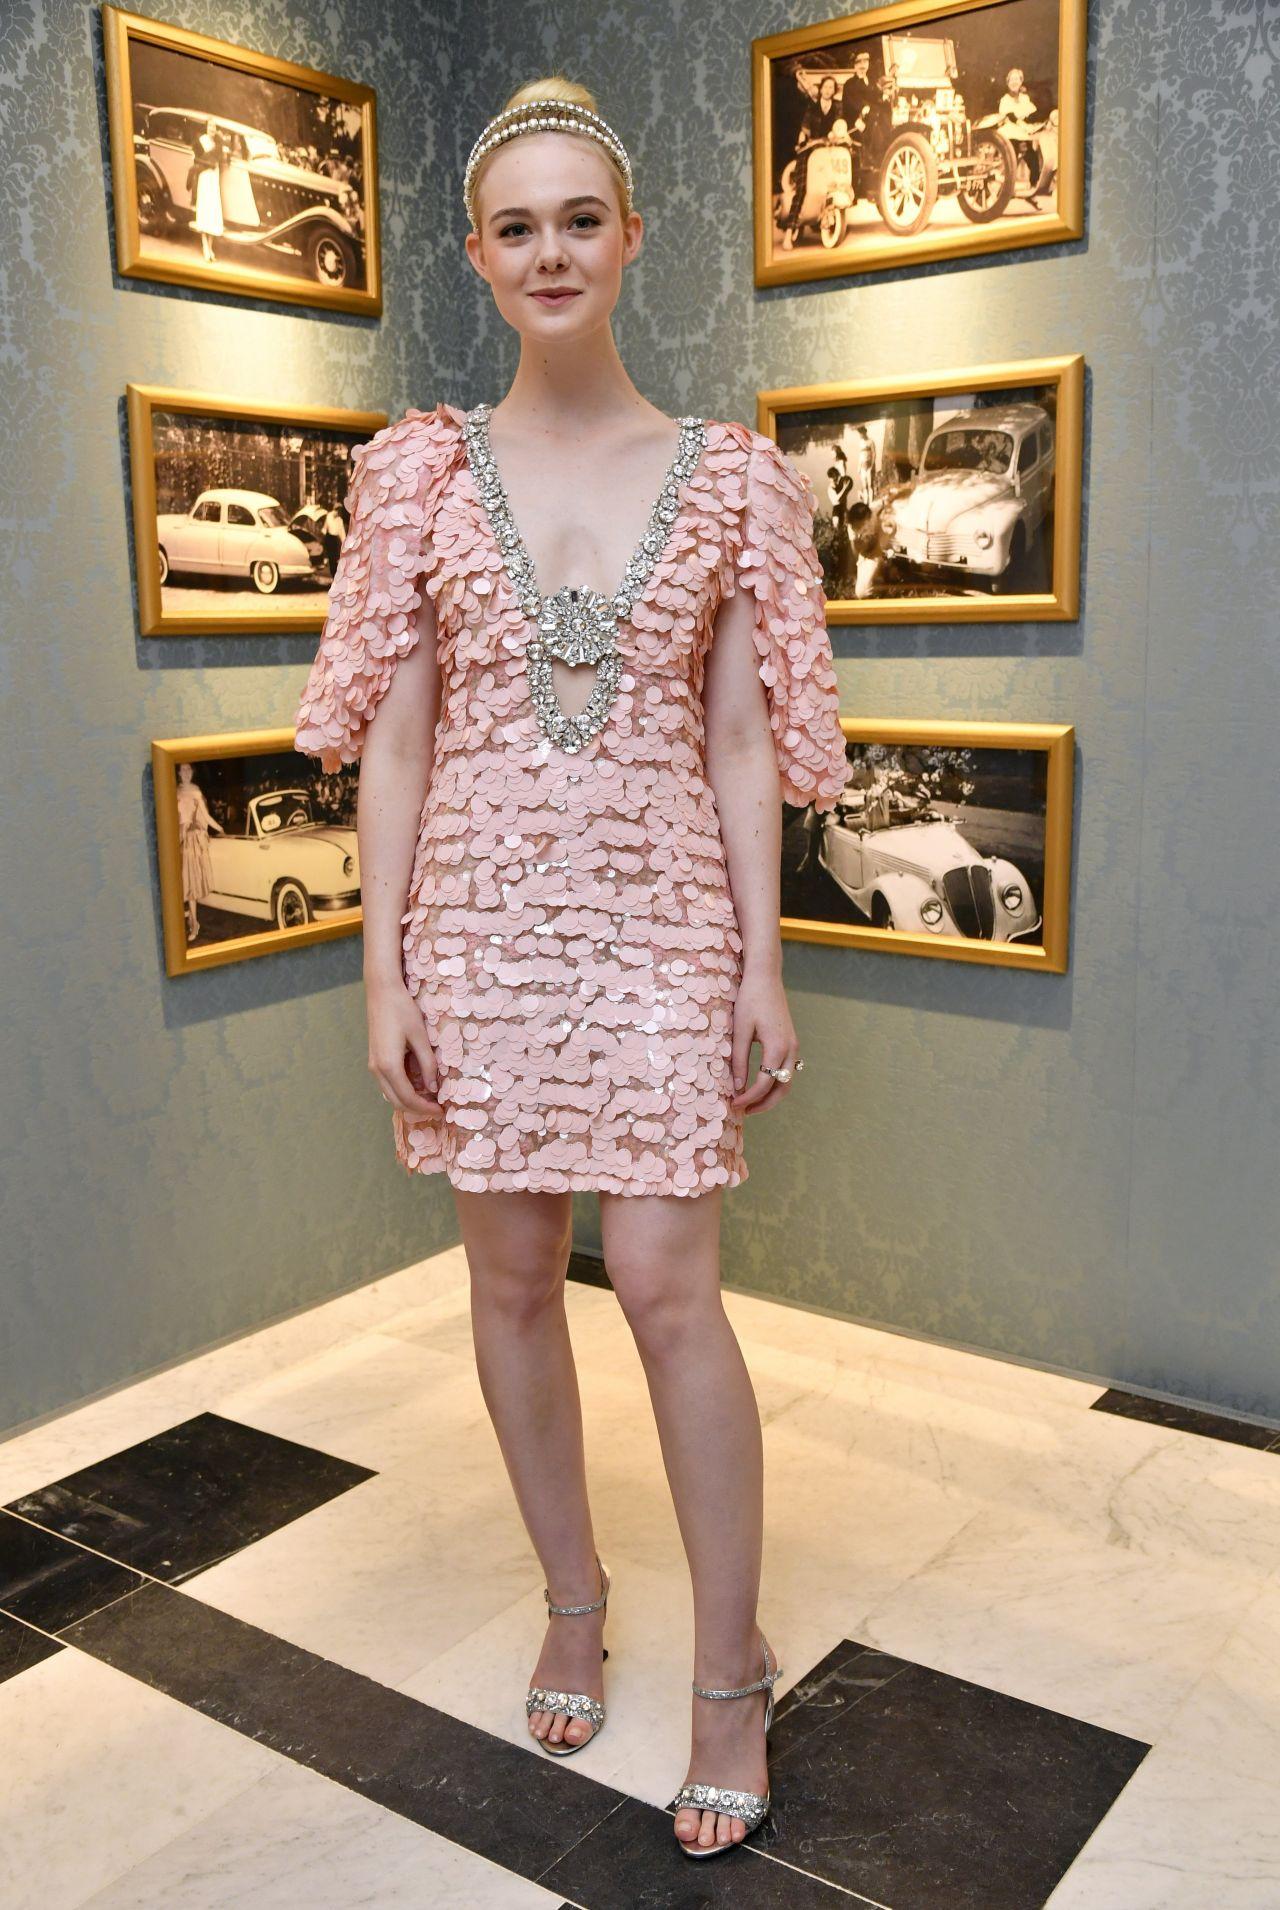 phong cach thoi trang haute couture 2018 - elle fanning - elle vietnam 1